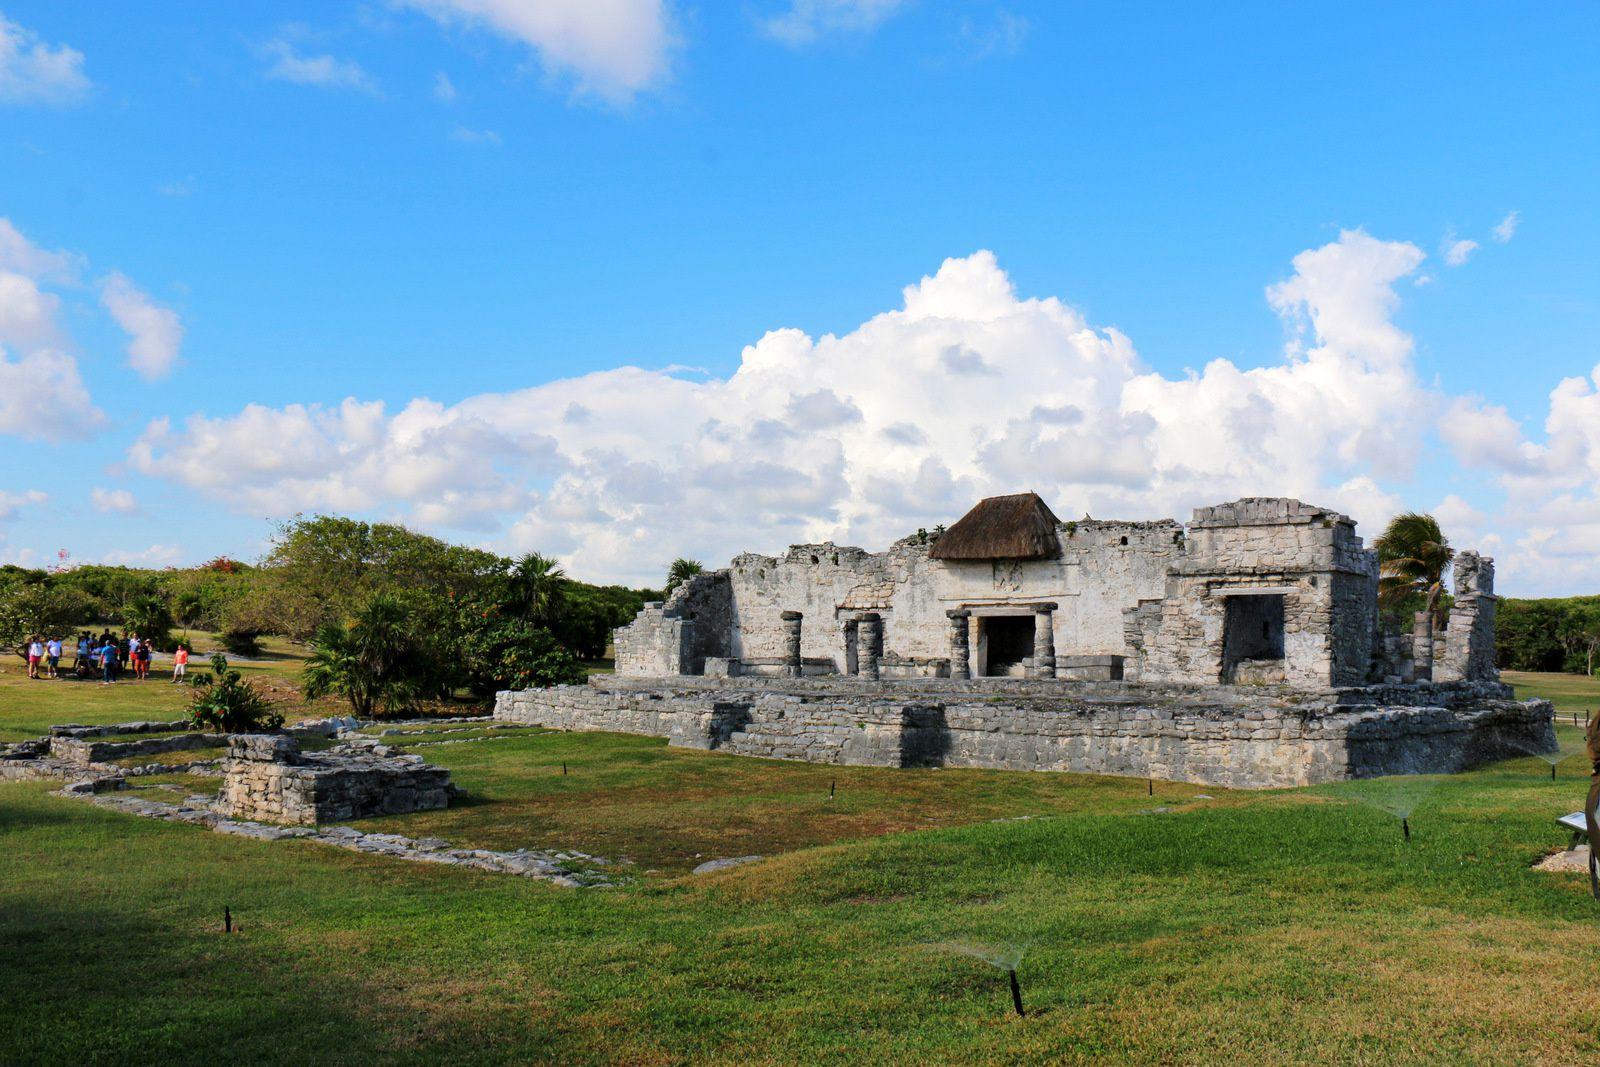 Maison du Halach Uinic, site archéologique de Tulum (Mexique)